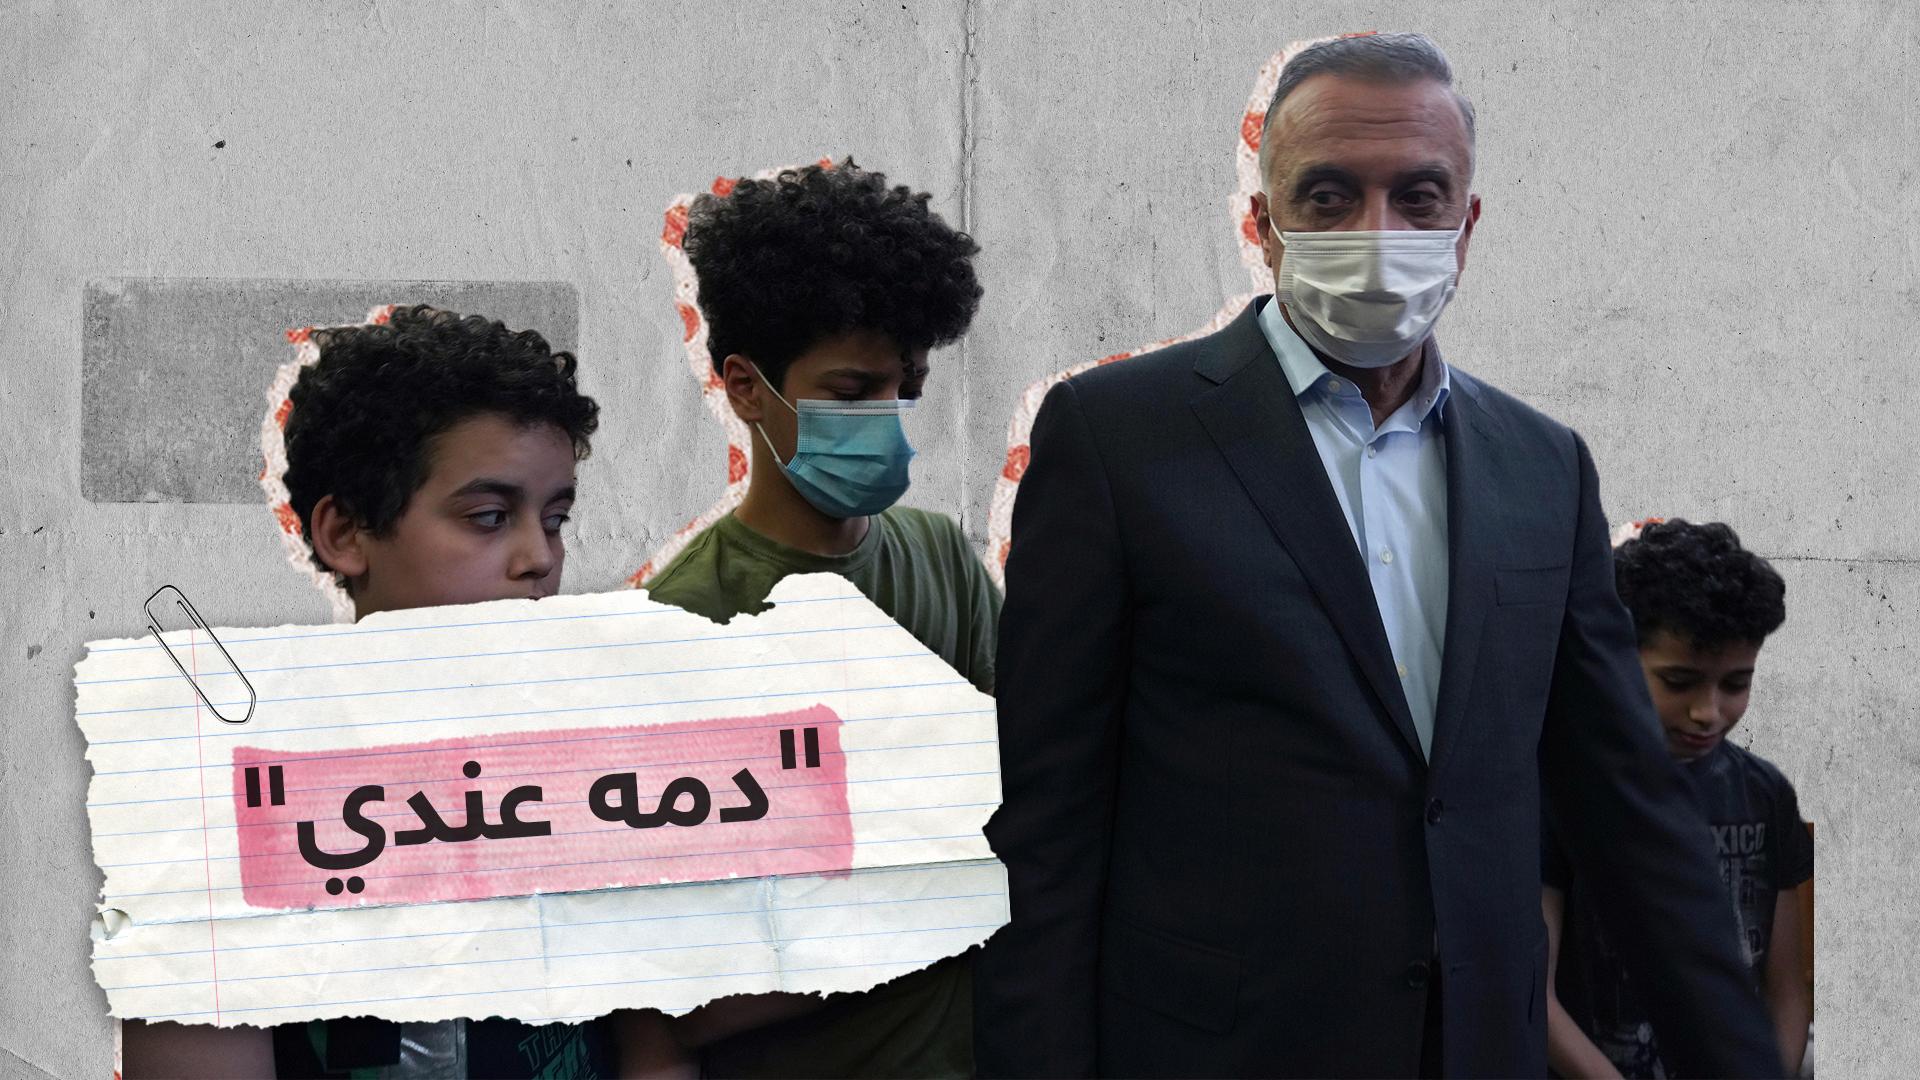 فيديو مؤثر لزيارة رئيس الوزراء العراقي لعائلة هشام الهاشمي